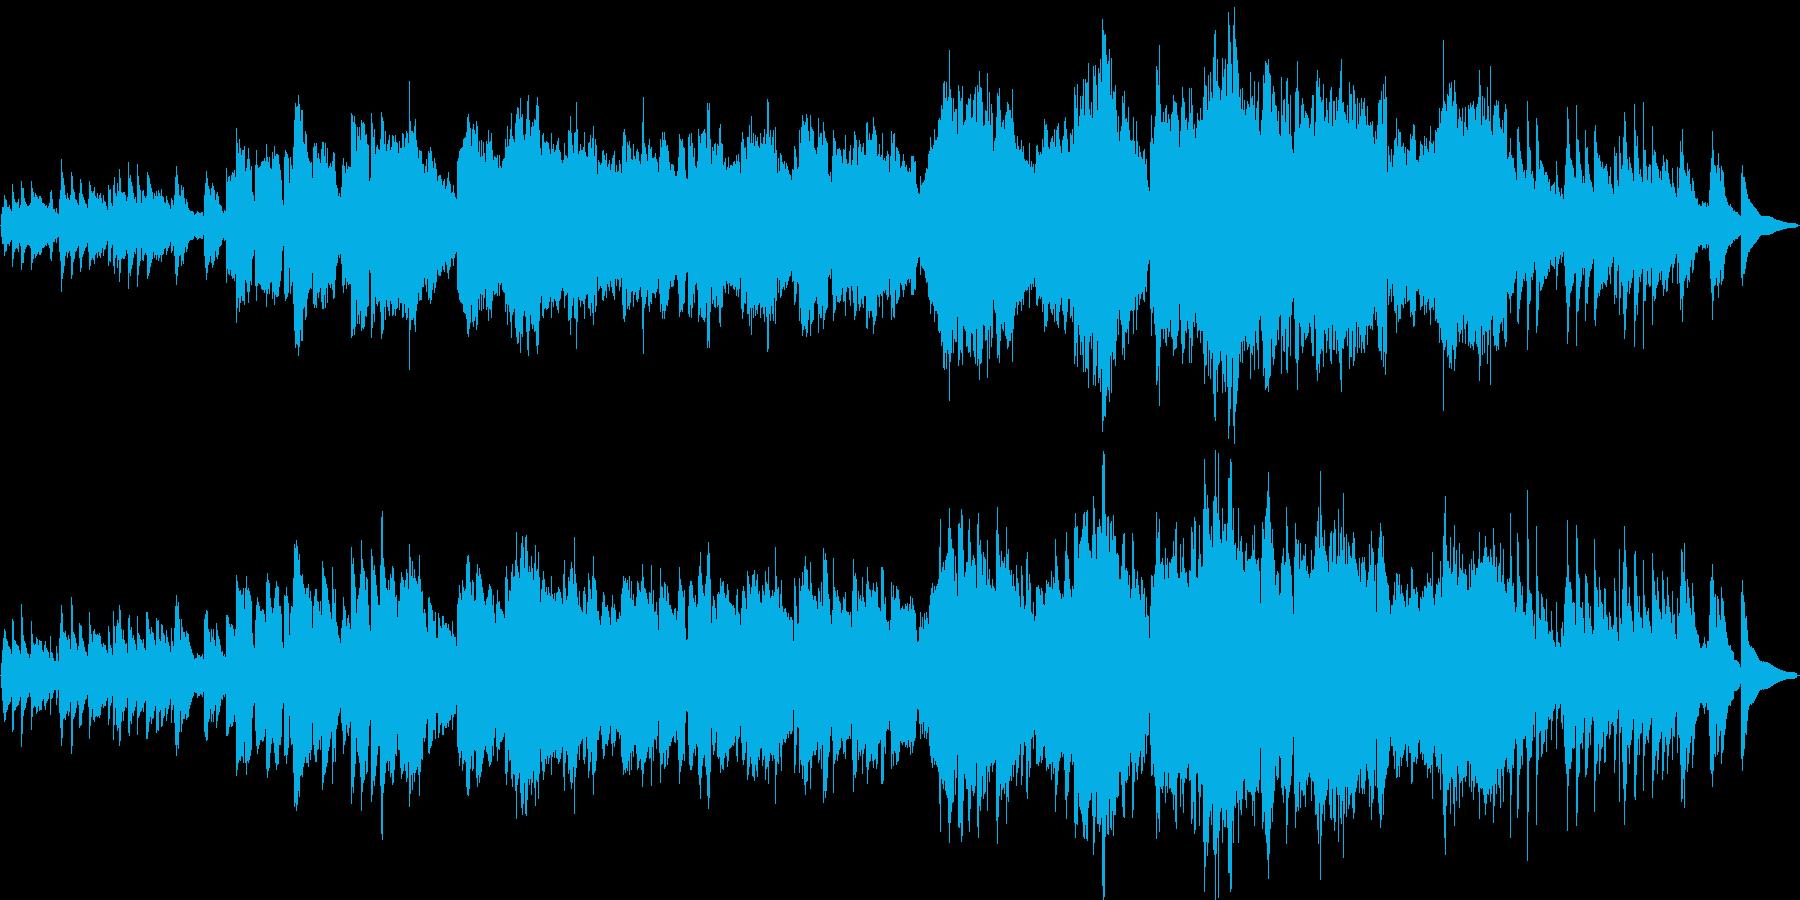 静かな月夜のイメージの幻想曲の再生済みの波形